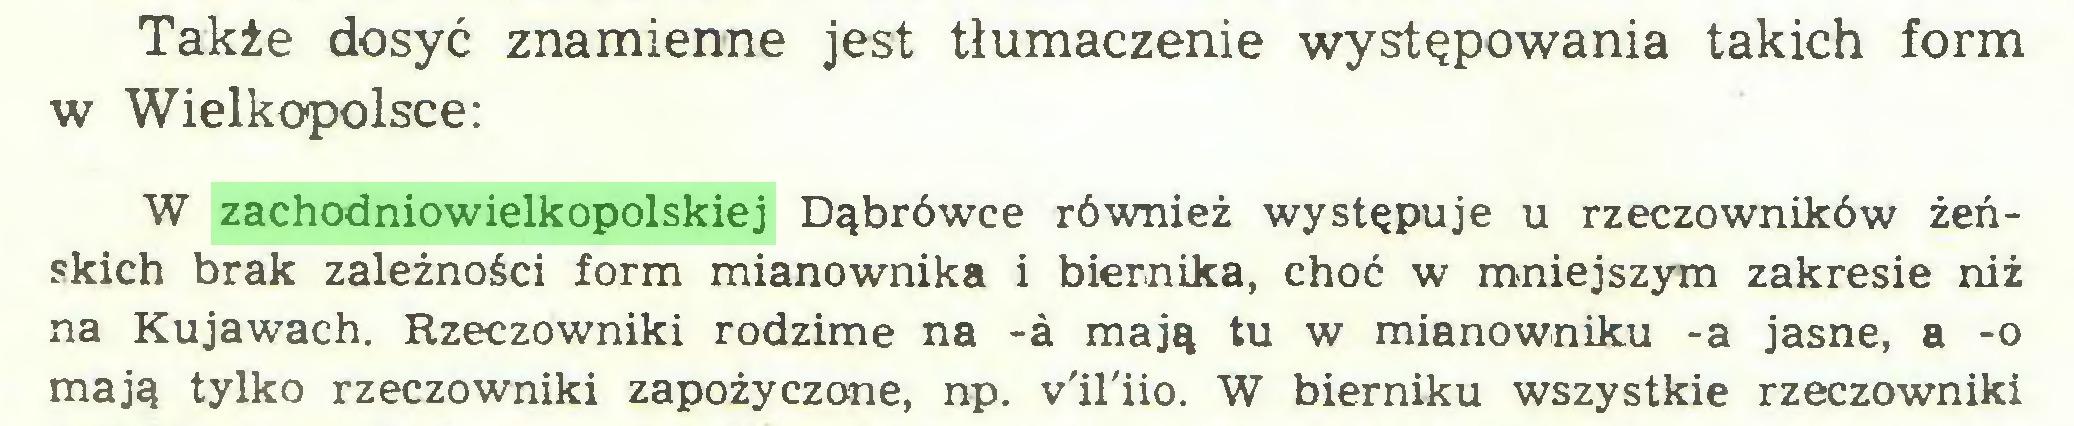 (...) Także dosyć znamienne jest tłumaczenie występowania takich form w Wielkopolsce: W zachodniowielkopolskiej Dąbrówce również występuje u rzeczowników żeńskich brak zależności form mianownika i biernika, choć w mniejszym zakresie niż na Kujawach. Rzeczowniki rodzime na -a mają tu w mianowniku -a jasne, a -o mają tylko rzeczowniki zapożyczone, np. v'il'iio. W bierniku wszystkie rzeczowniki...